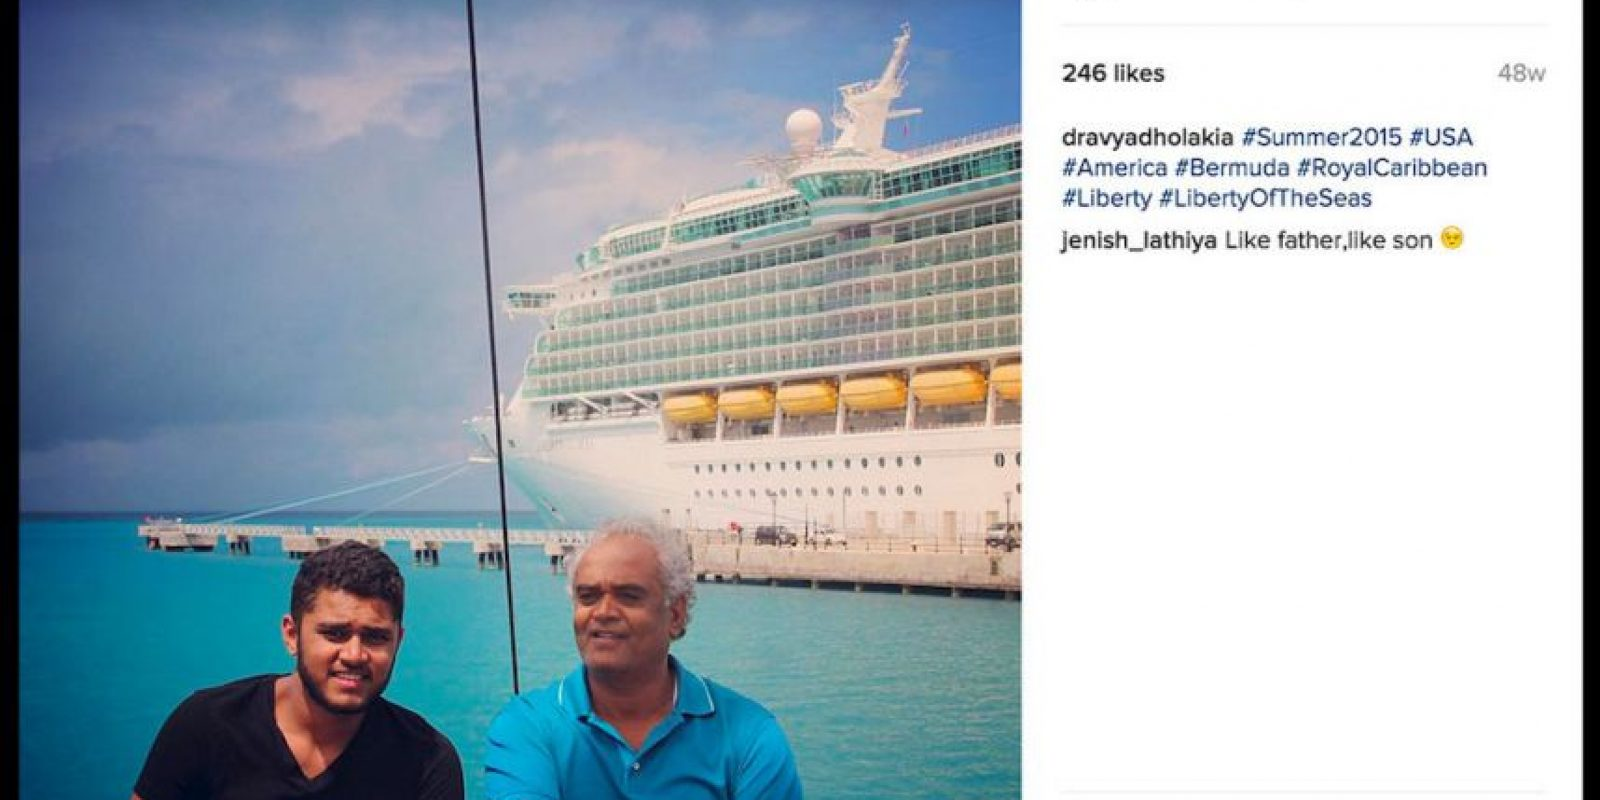 Su padre es un empresario millonario que se dedica a la exportación de diamantes a nivel mundial. Foto:Instagram/dravyadholakia